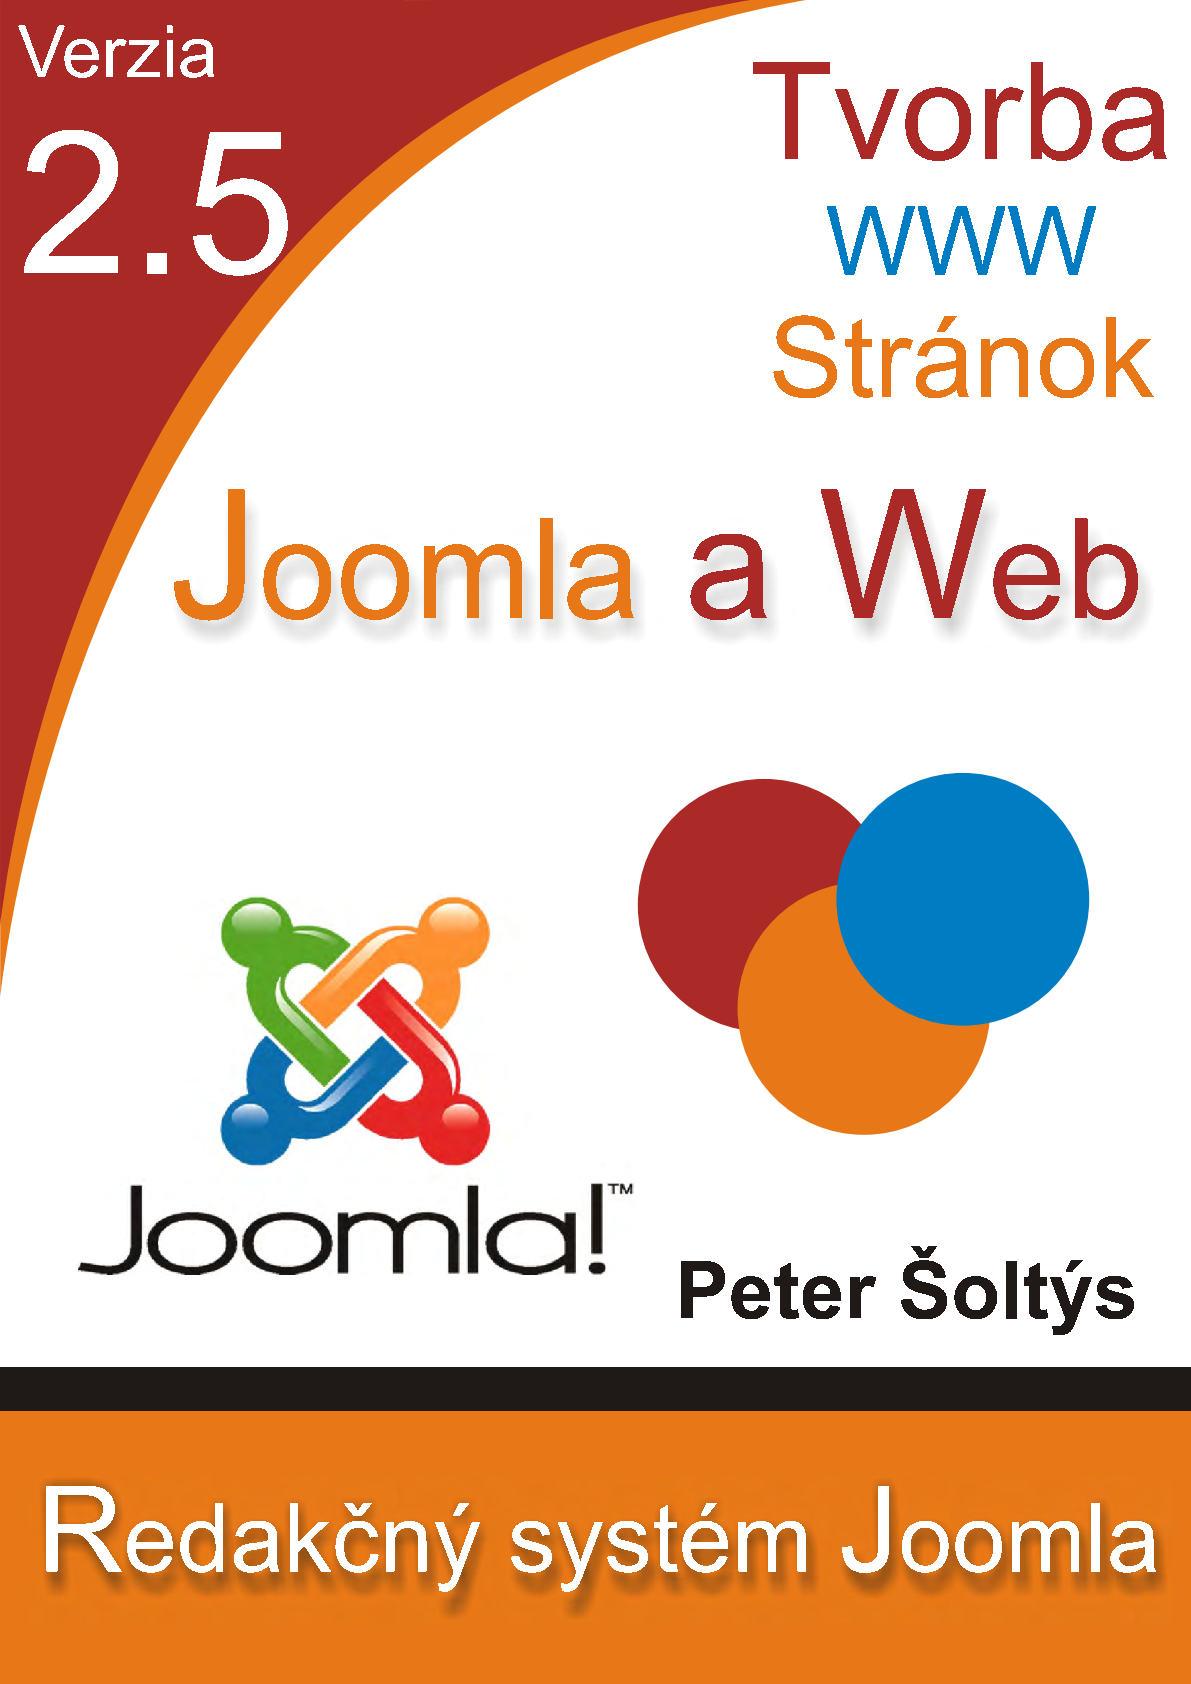 Joomla a Web